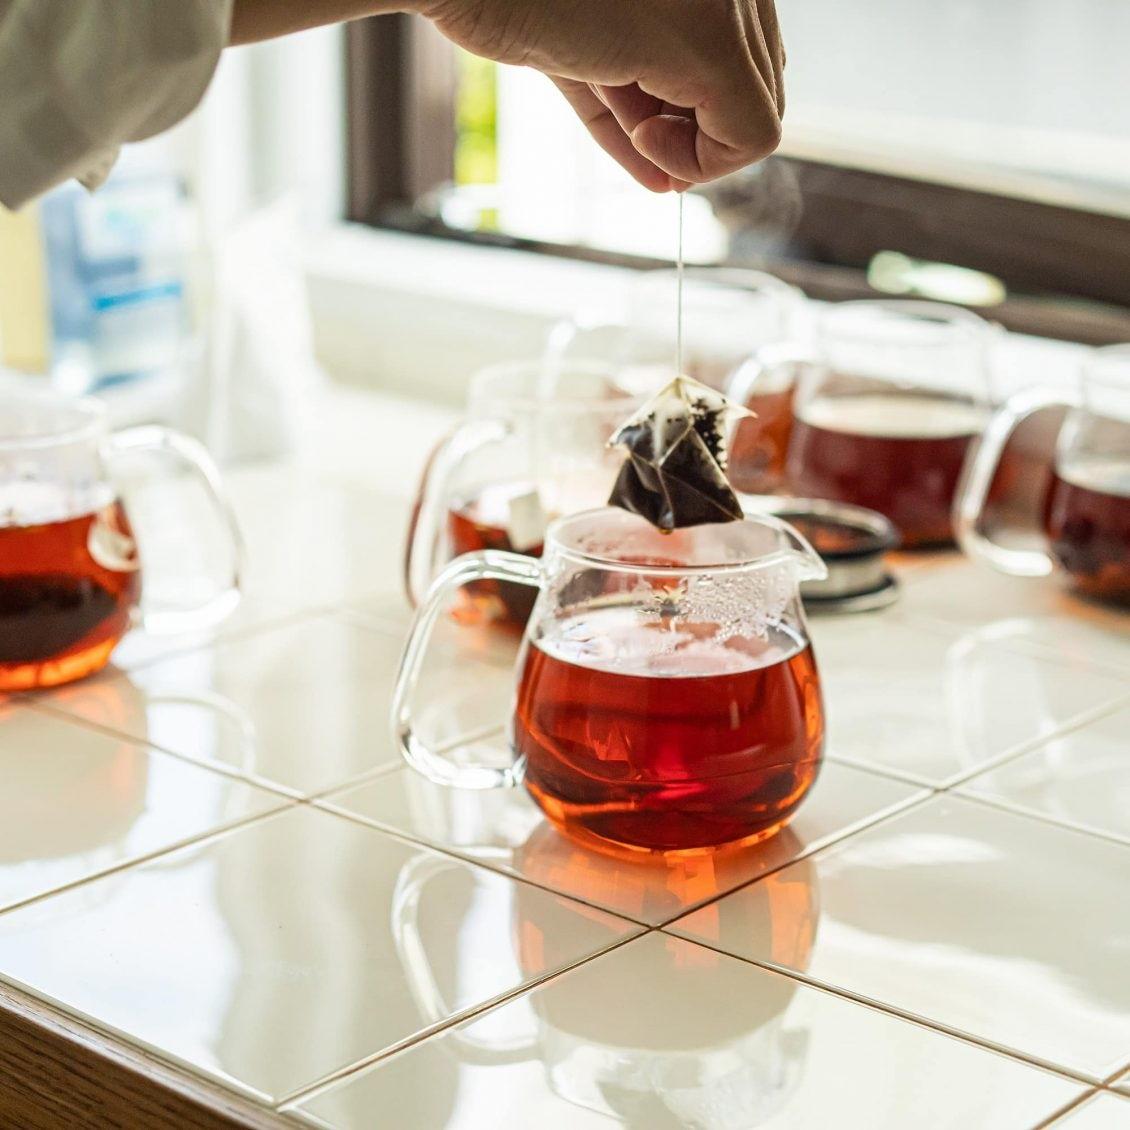 【紅茶をおいしく】ティーバッグの「かたち」を整えるのがコツ。本格的な紅茶の美味しさを引き出すアイデア